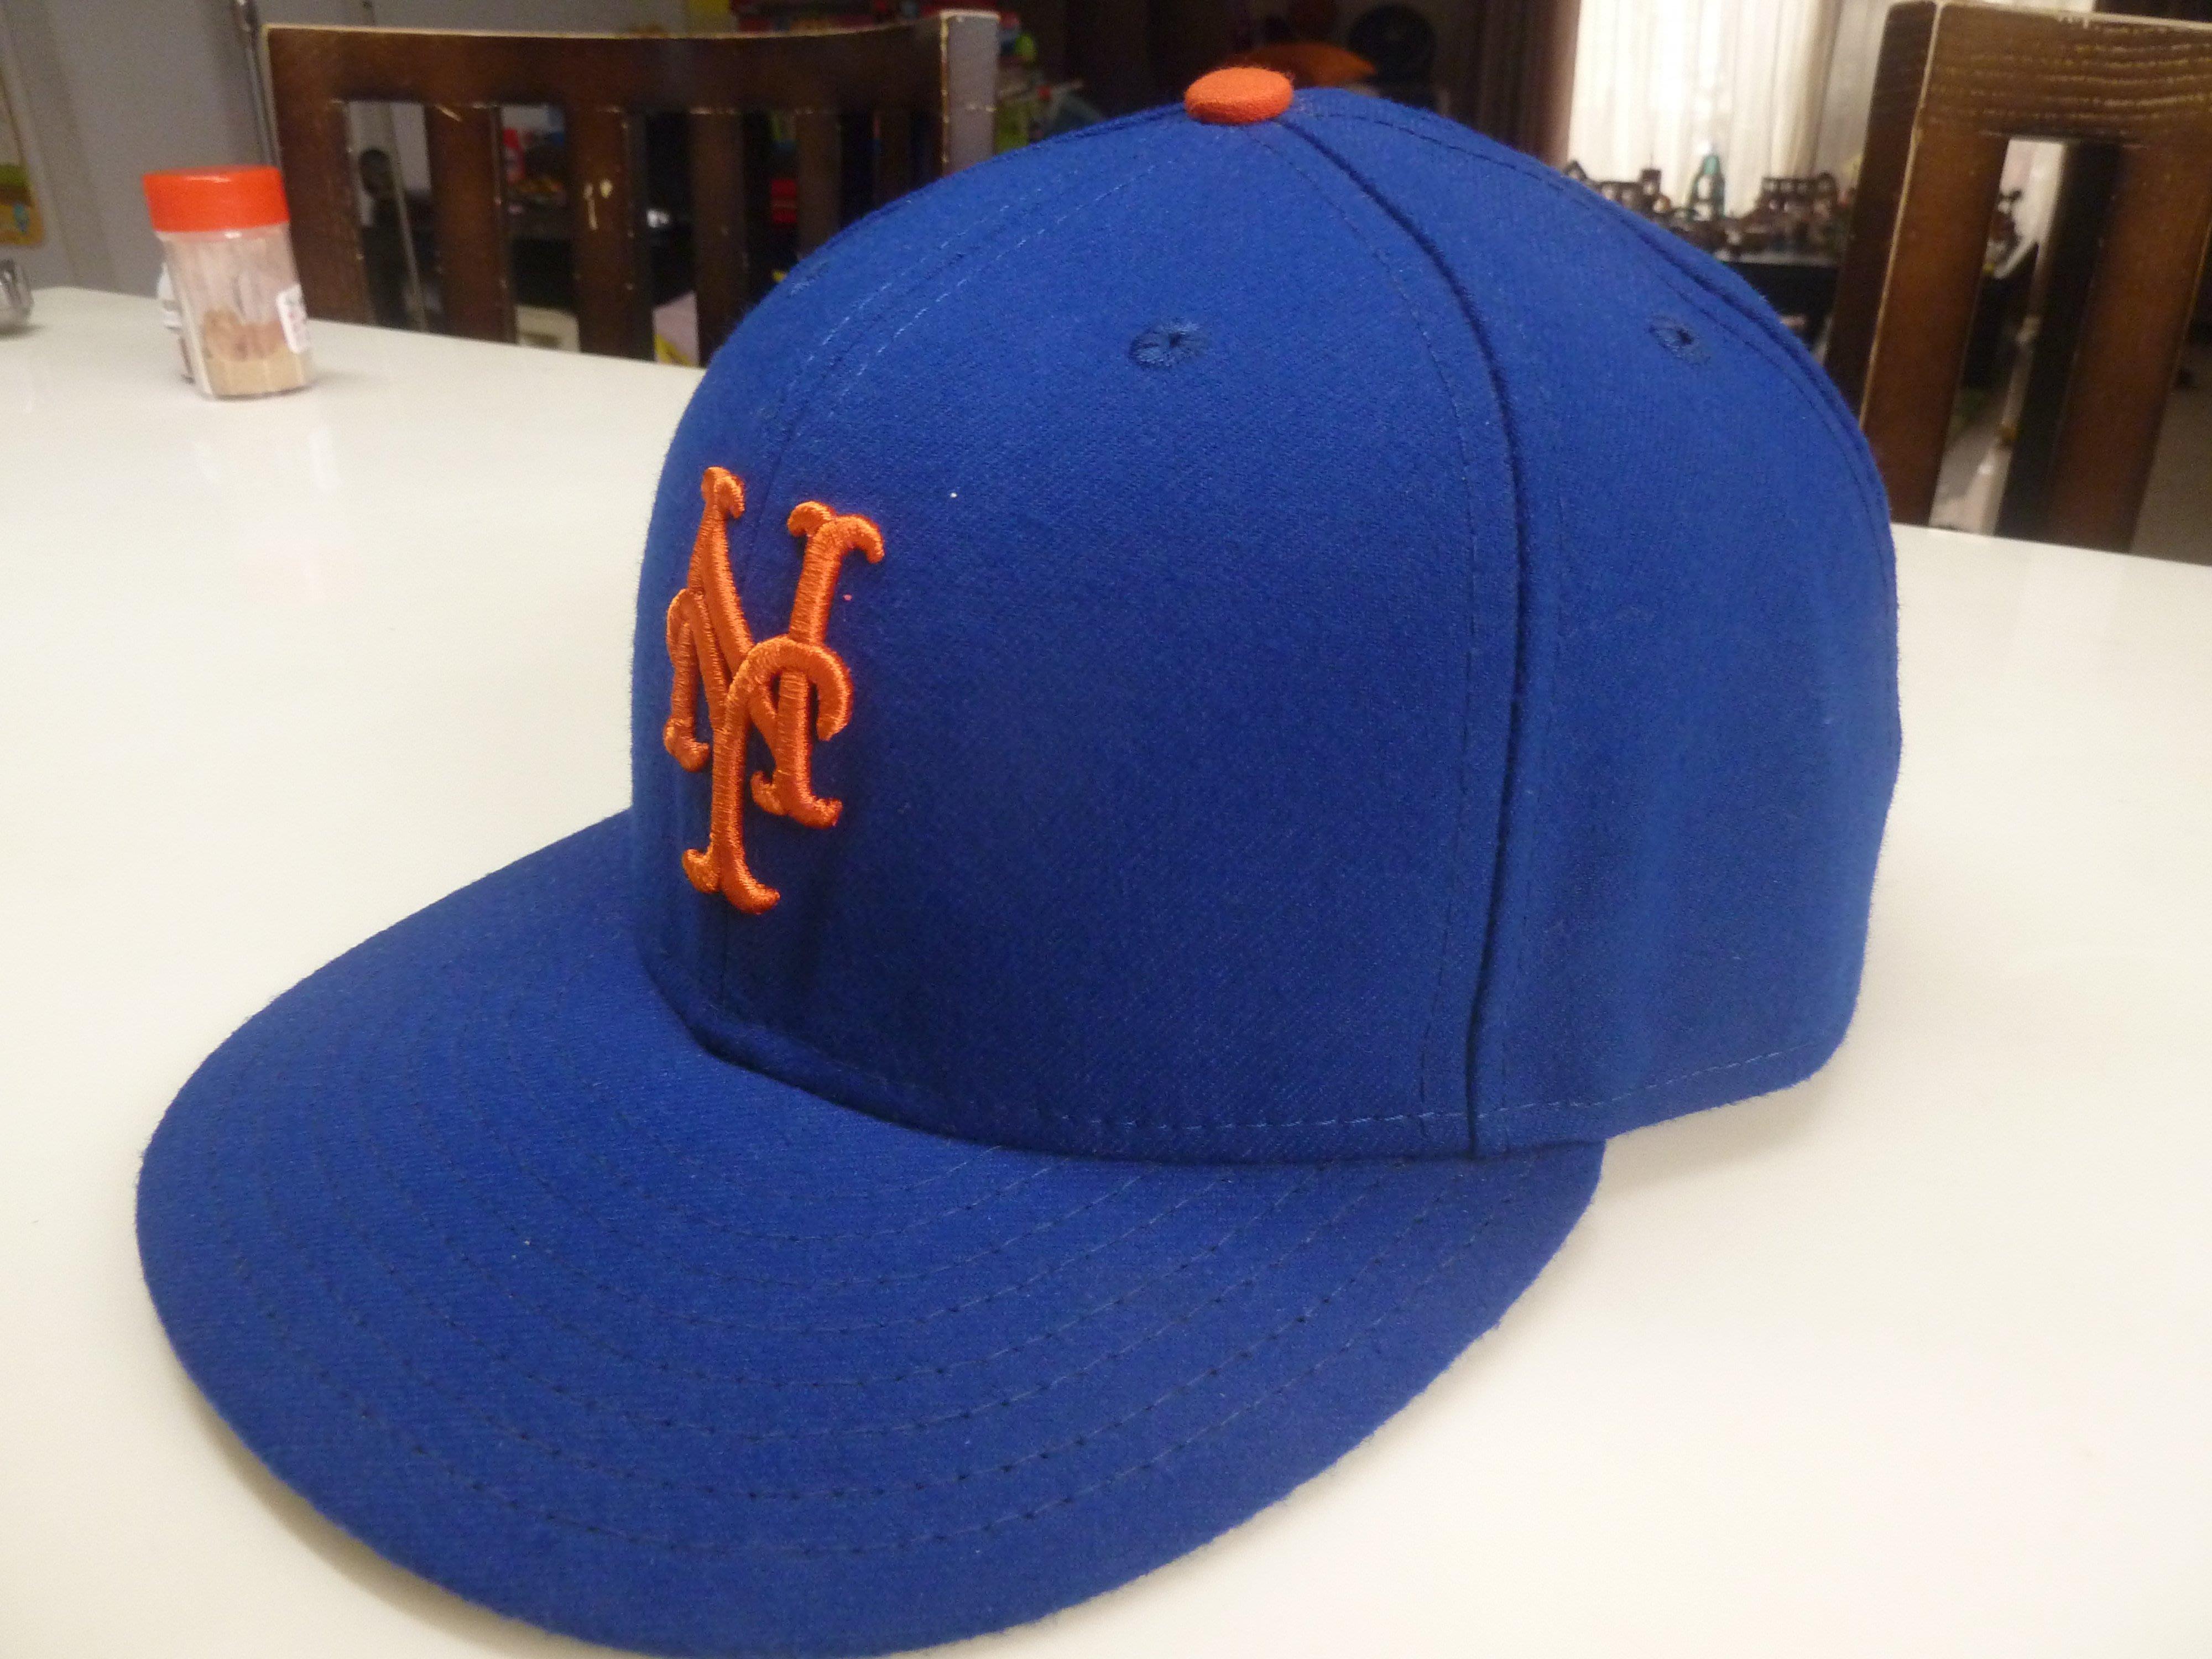 中古正品 美國職棒大聯盟MLB 紐約大都會Mets 球員帽封口帽 7 5/8 詳閱說明 非洋基